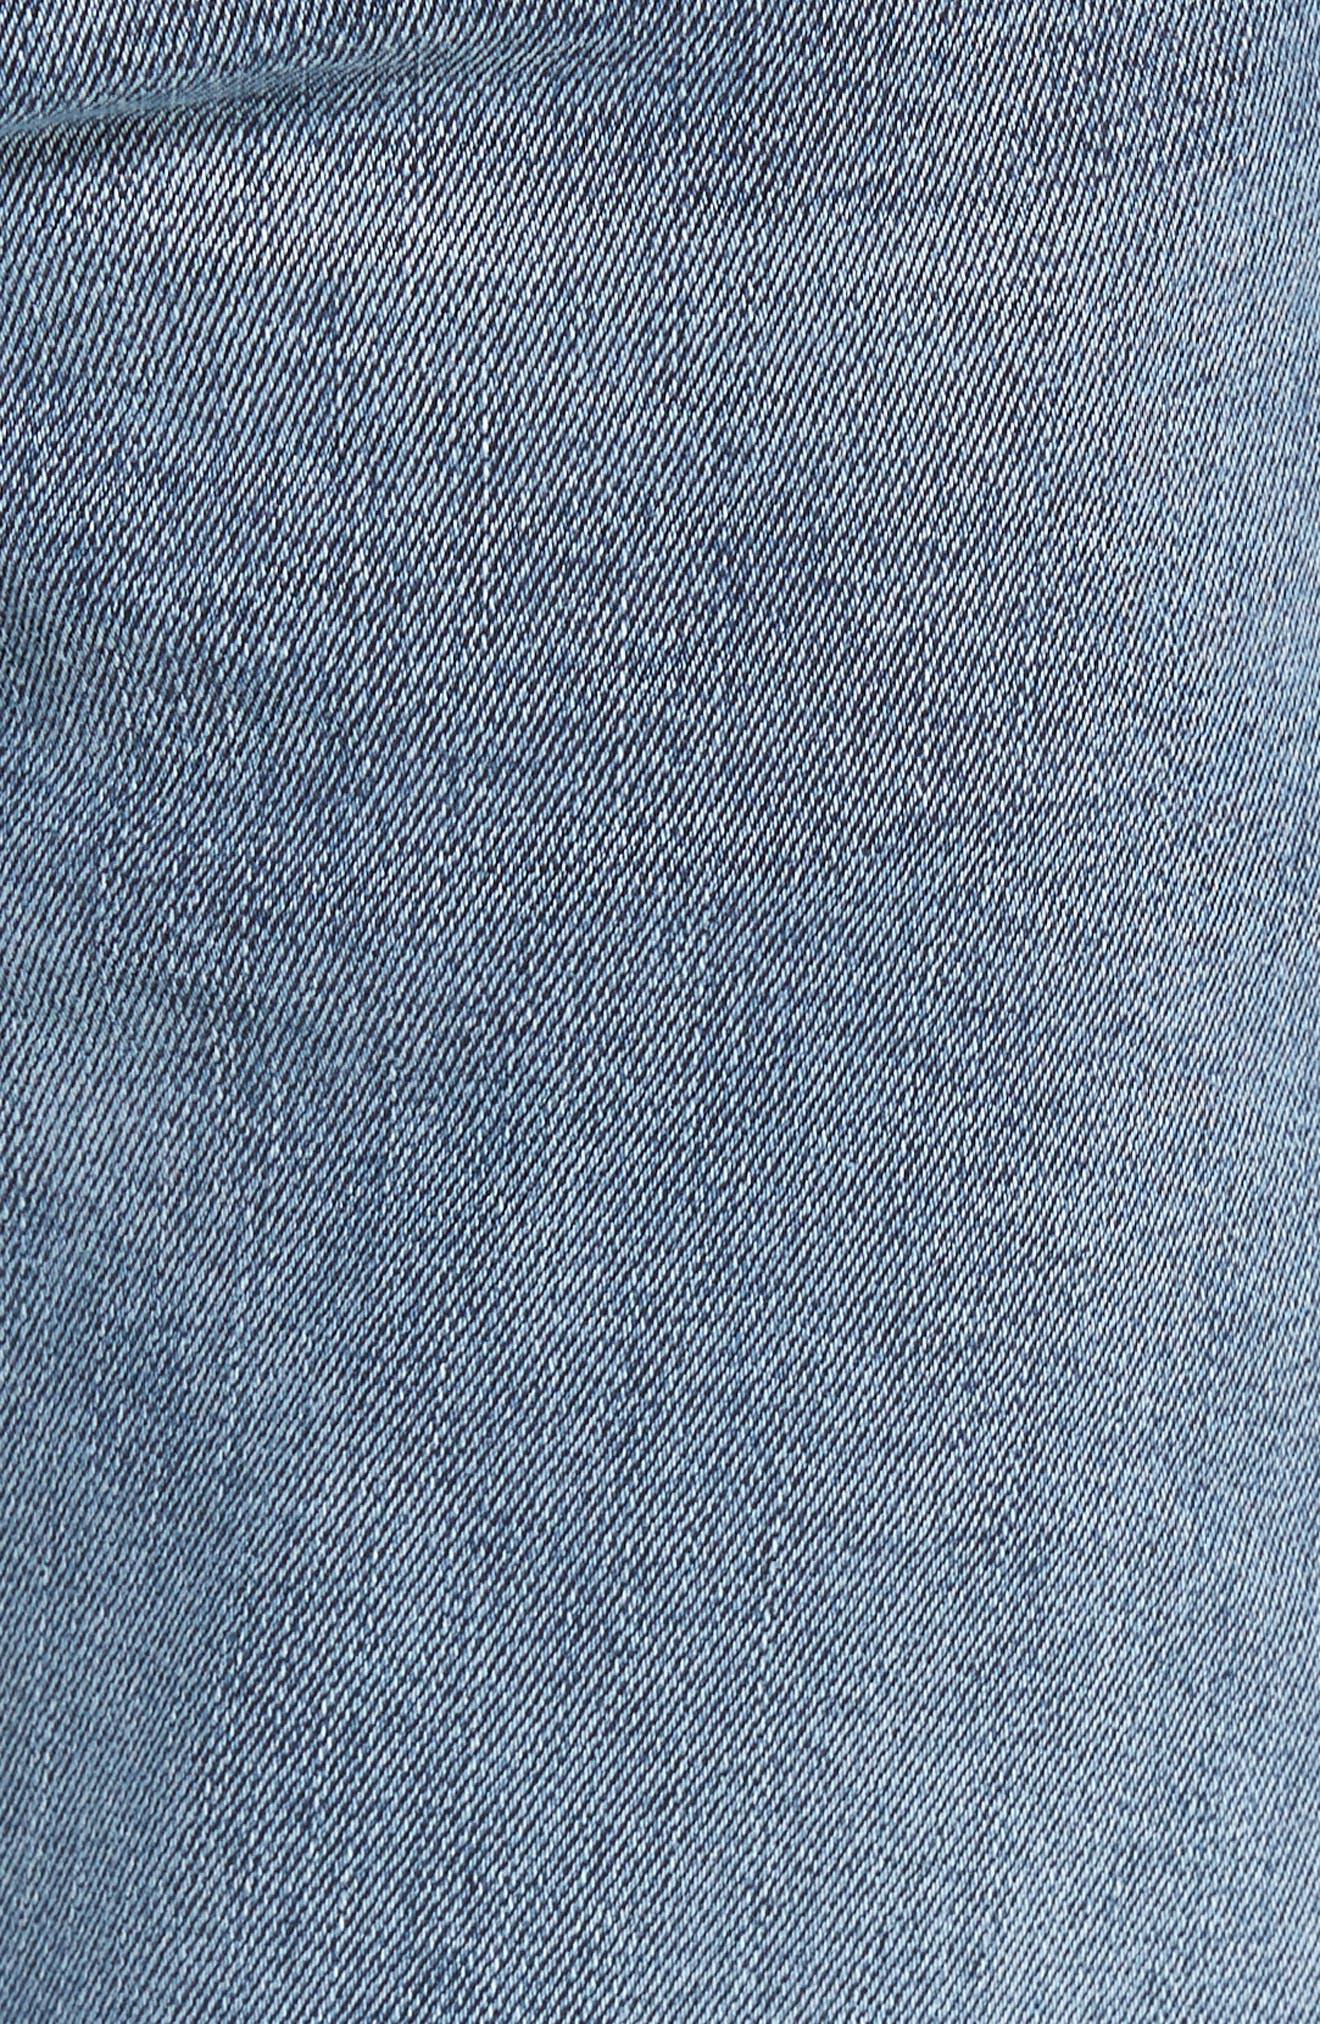 Buster Slim Straight Leg Jeans,                             Alternate thumbnail 5, color,                             084Sj